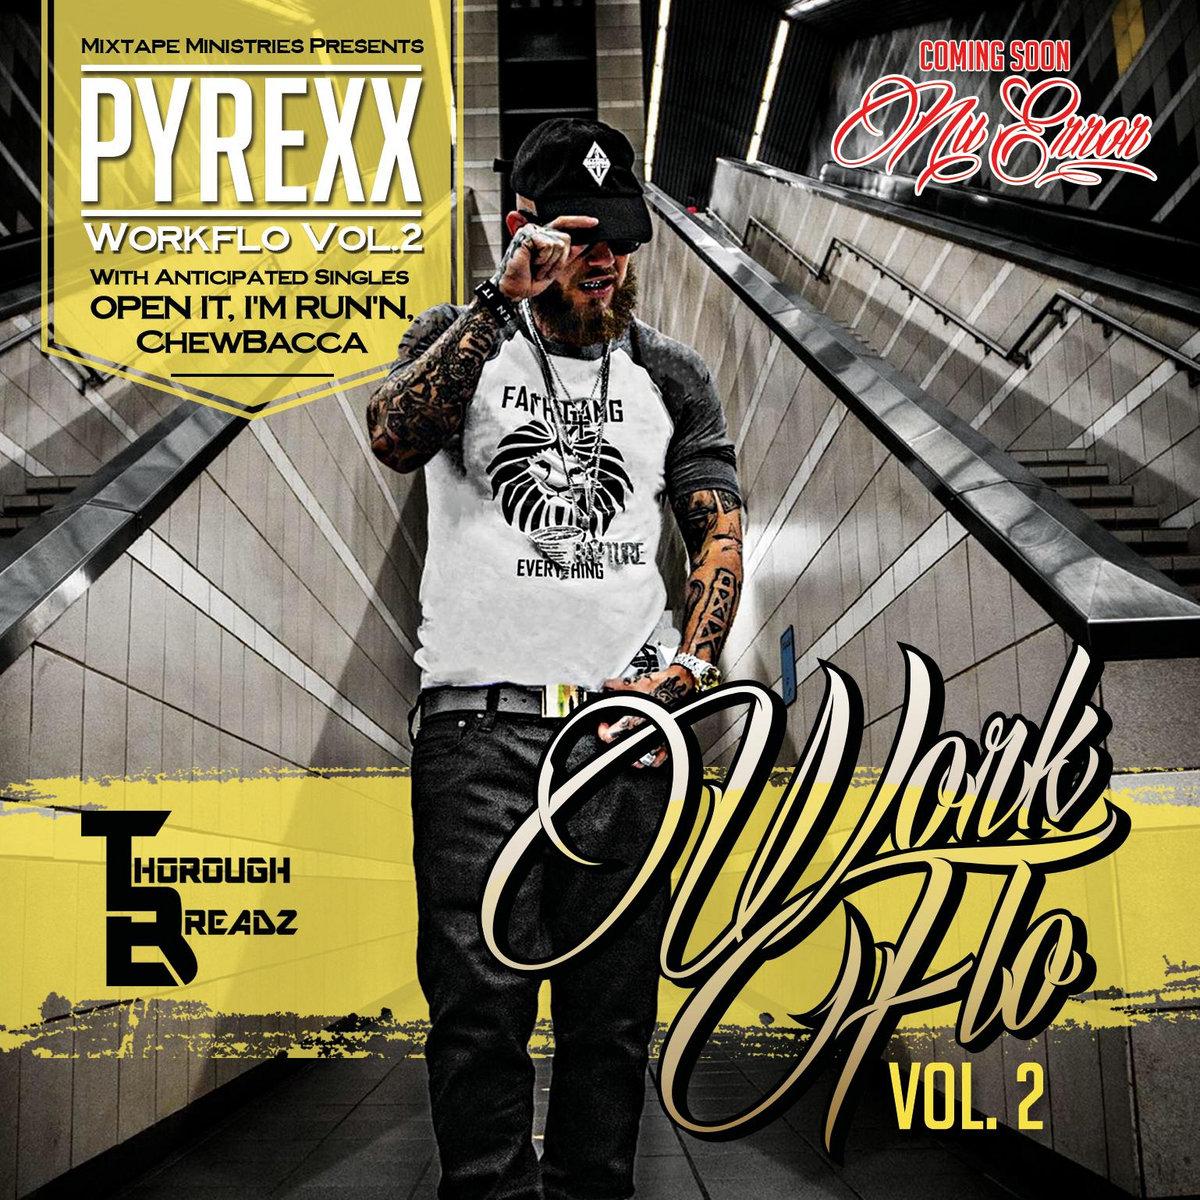 pyrexx 2019